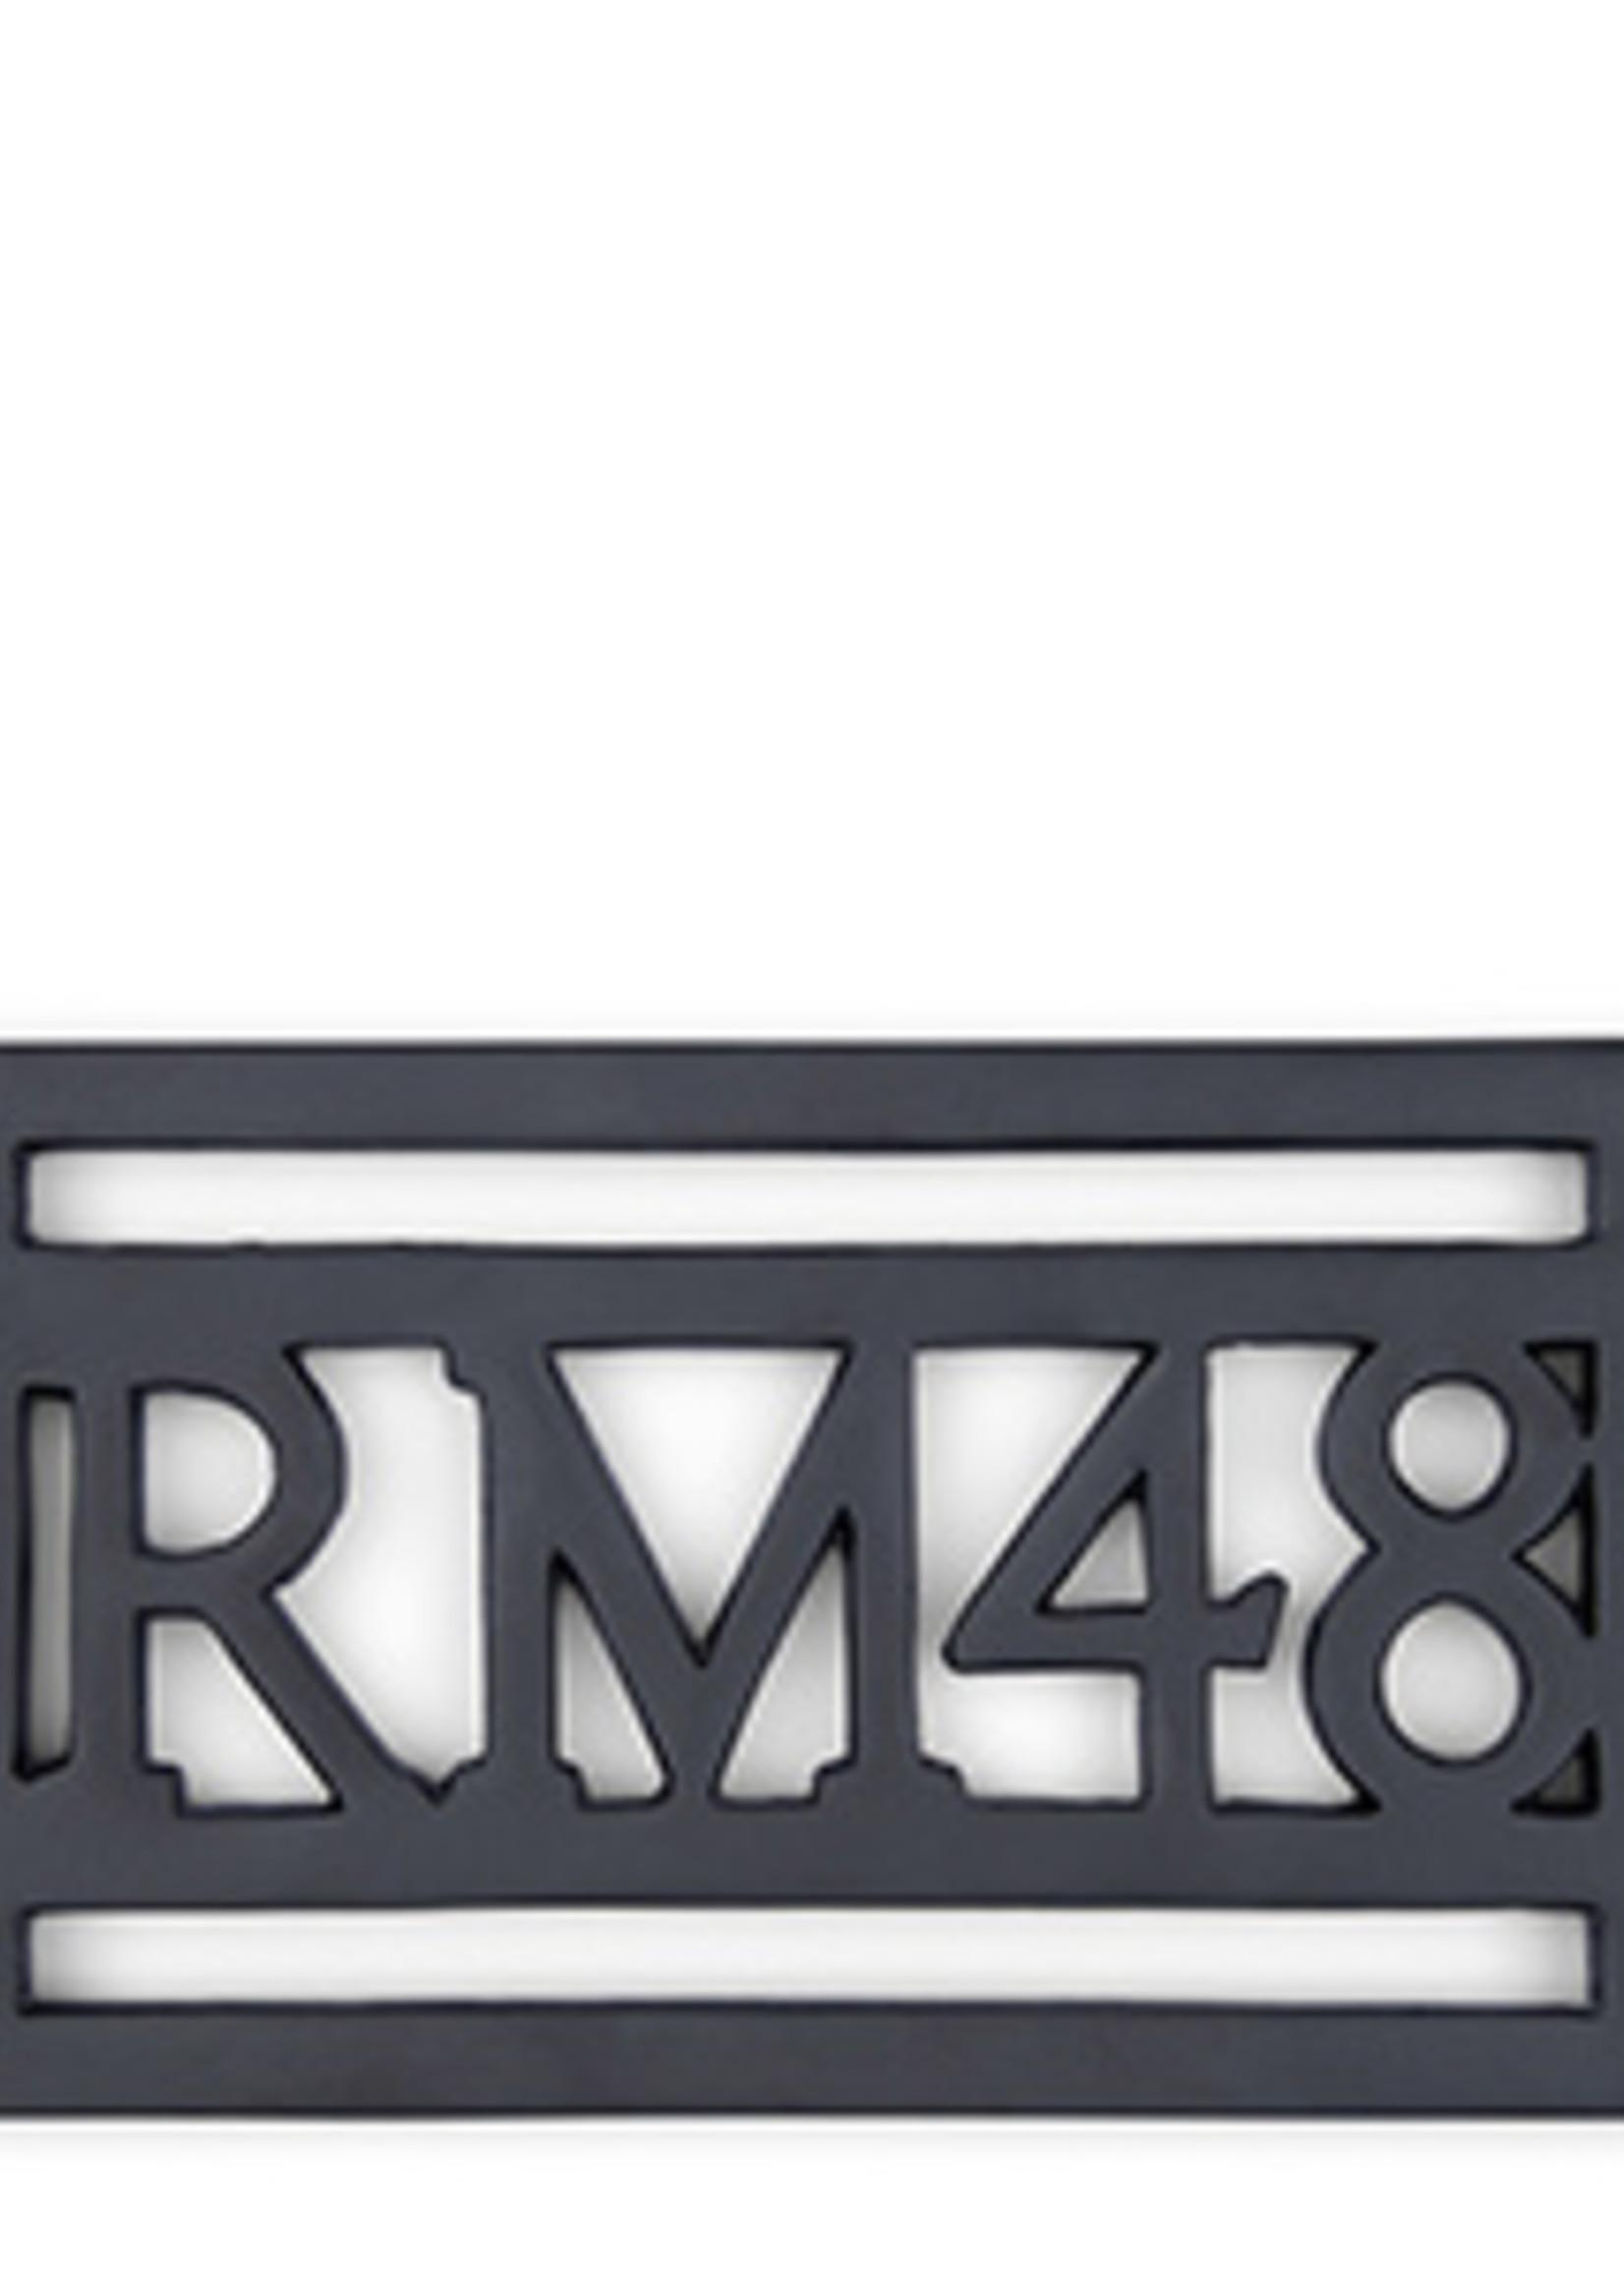 Riviera Maison RM 48 Trivet black